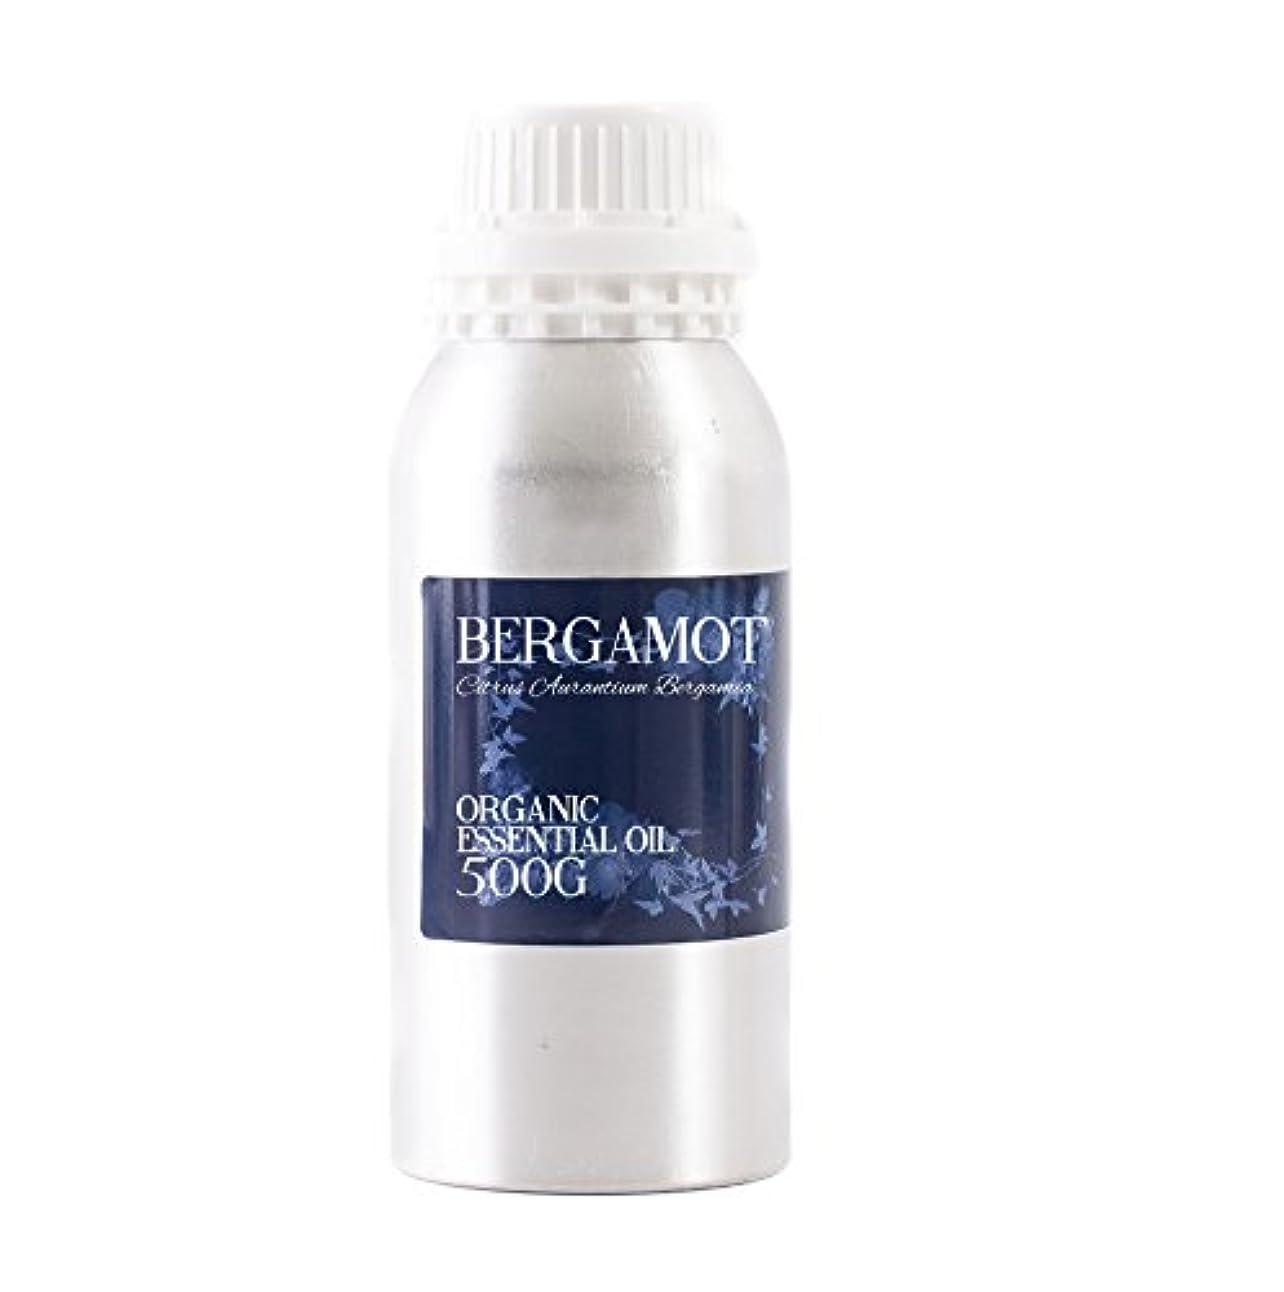 ノベルティ抵抗する義務的Mystic Moments | Bergamot Organic Essential Oil - 500g - 100% Pure